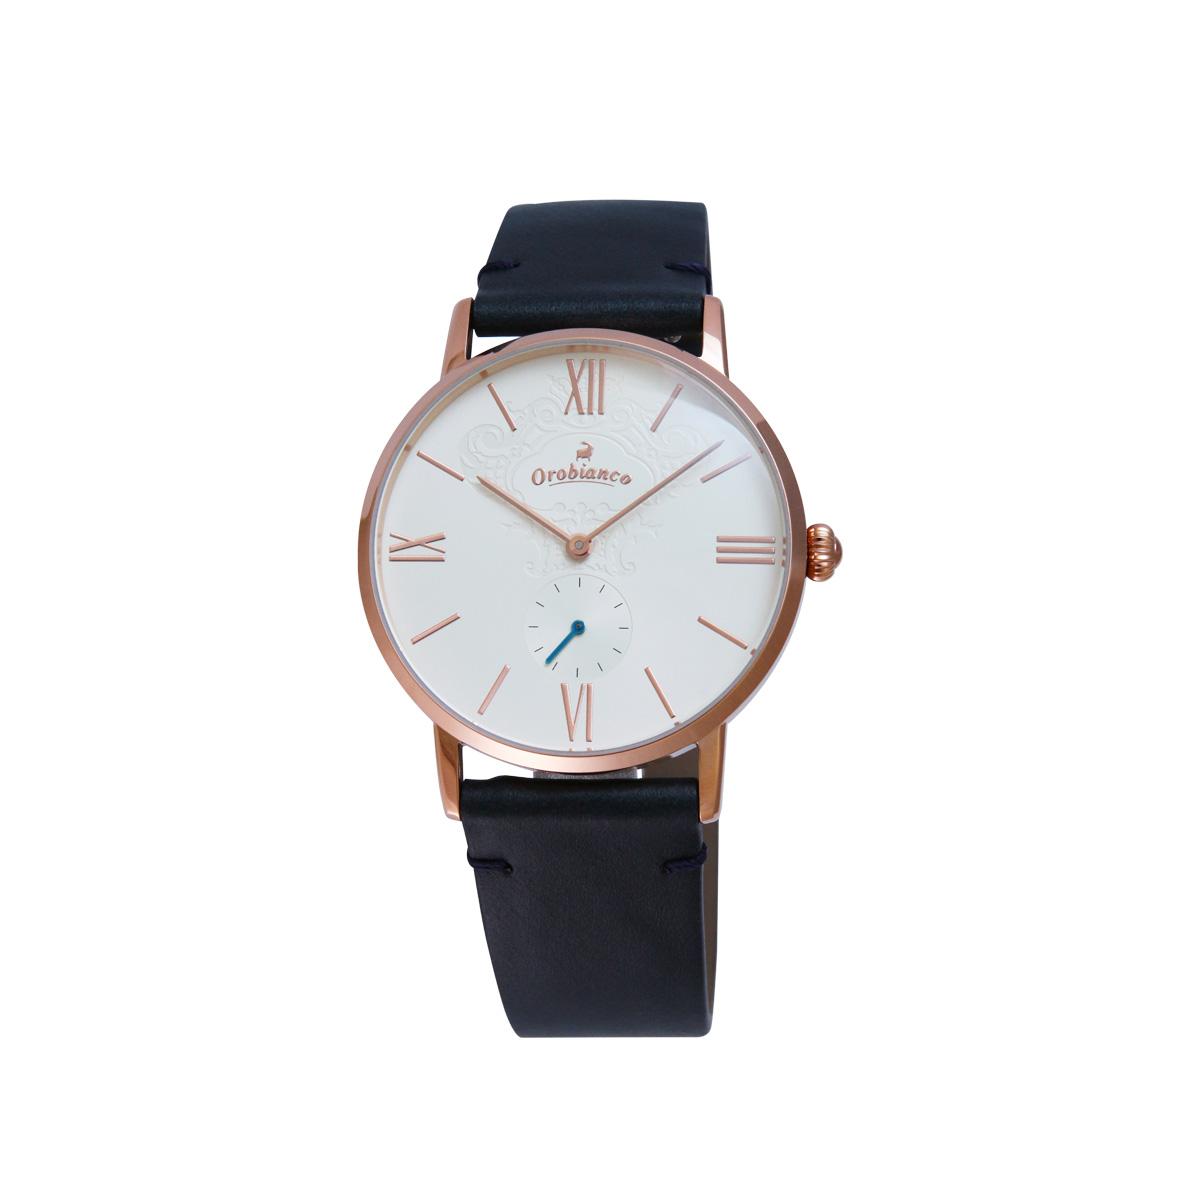 Orobianco SIMPATICO オロビアンコ 腕時計 メンズ 防水 ブラック ブラウン ネイビー 黒 OR0071 [5/7 追加入荷]